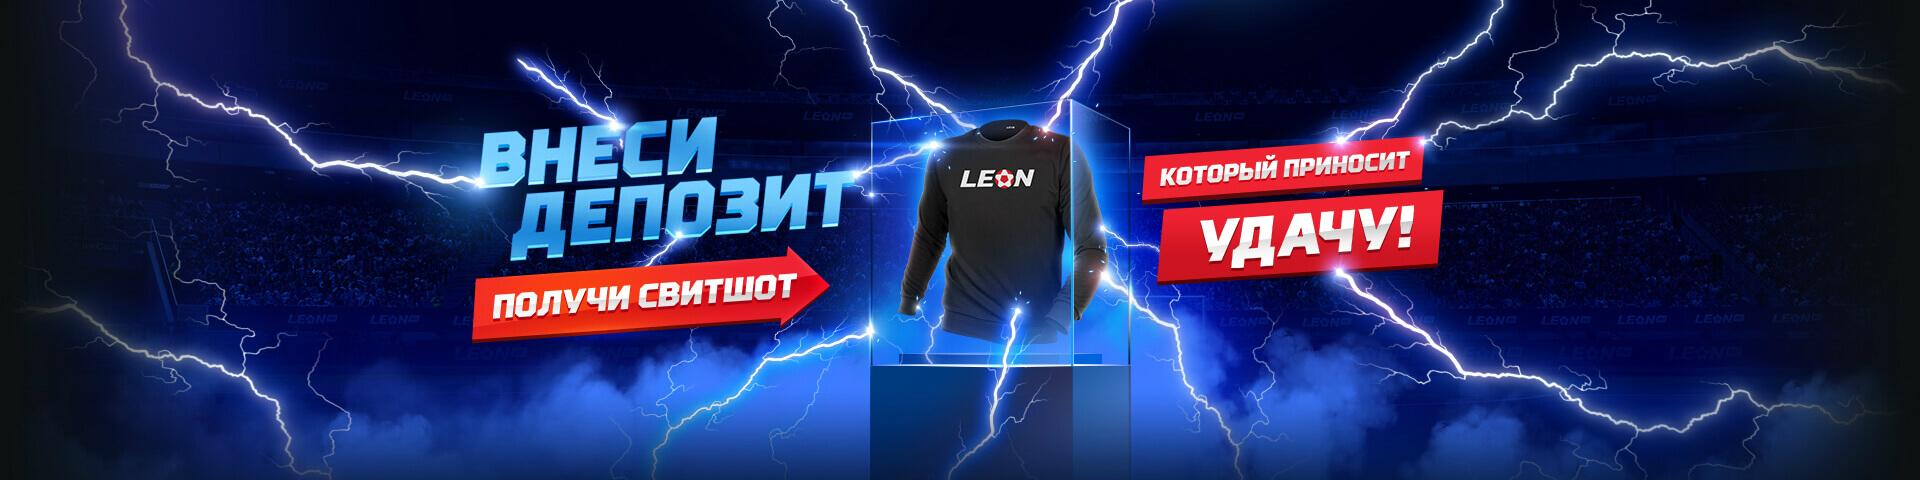 Акция от БК «Леон»: модный свитшот за депозит